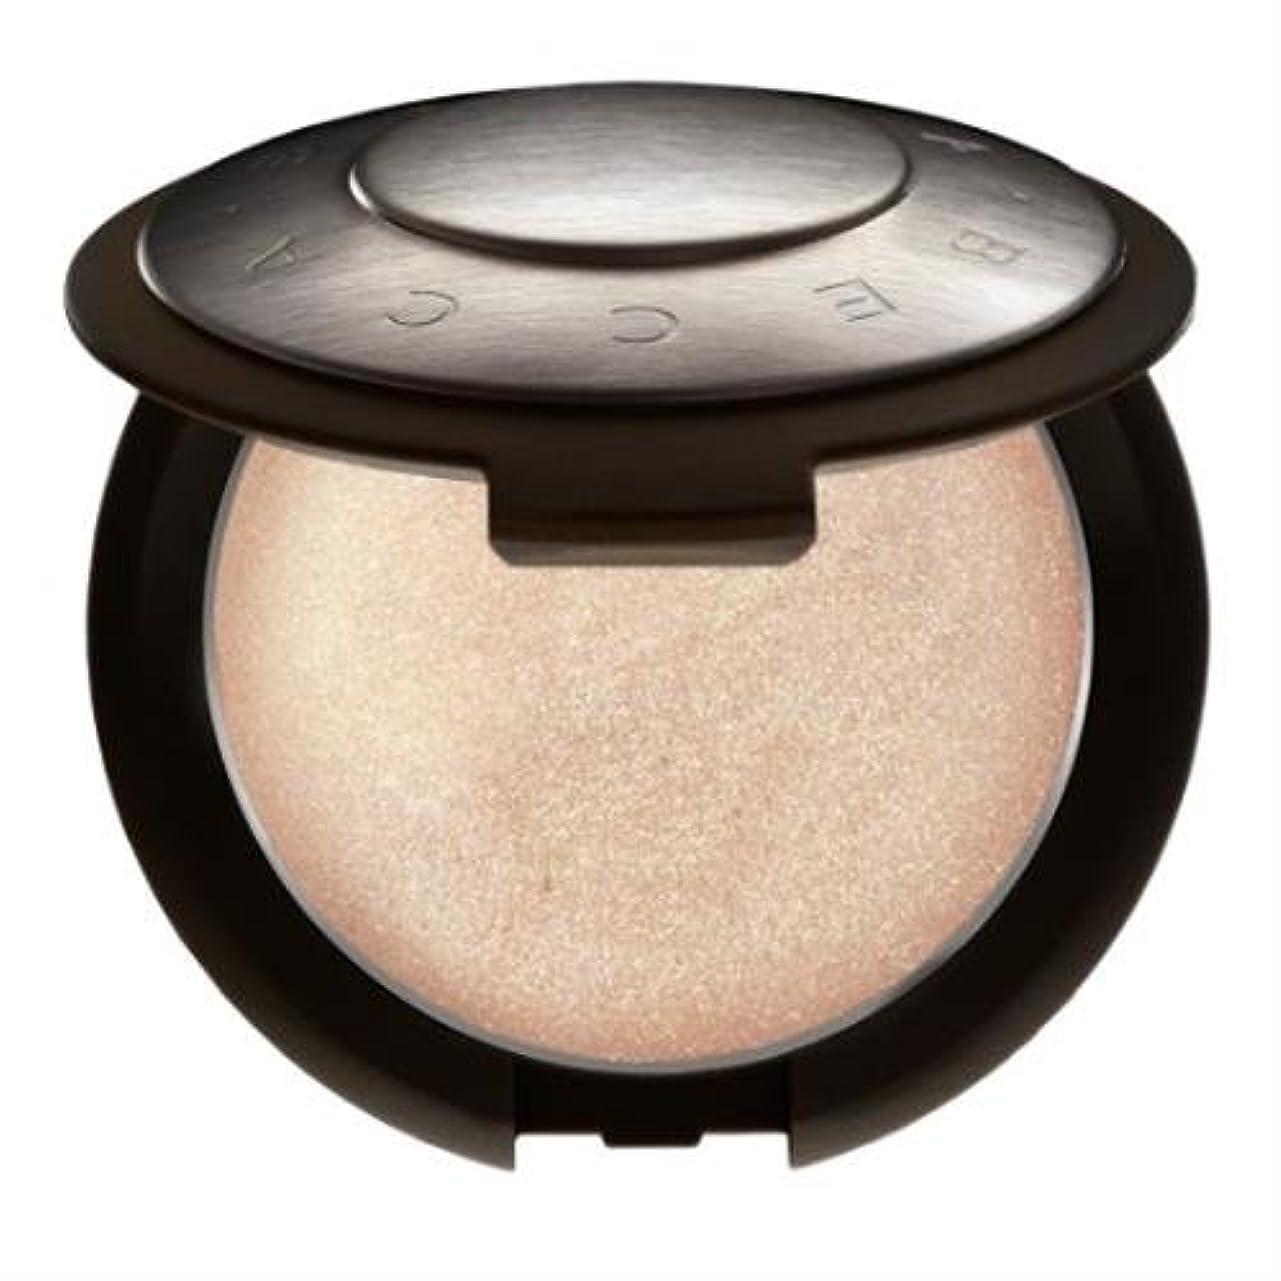 筋肉のホットお尻Becca Cosmetics Shimmering Skin Perfector Poured - Rose Gold (並行輸入品) [並行輸入品]